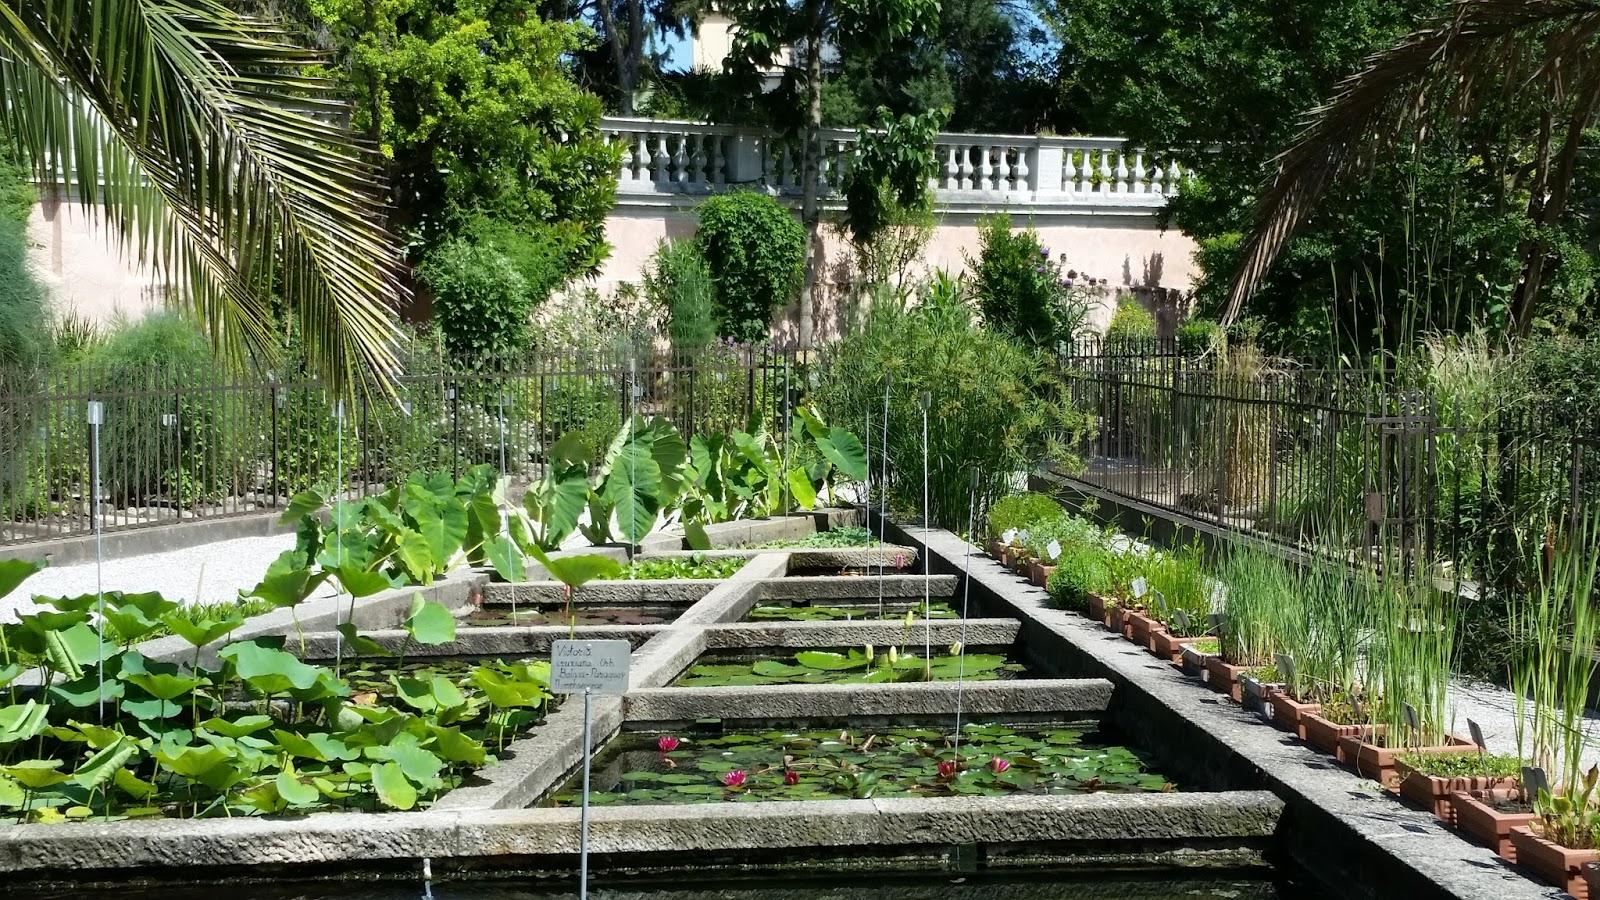 Hortibus fleurs de juin au jardin botanique de padoue for Jardin botanique decembre 2015